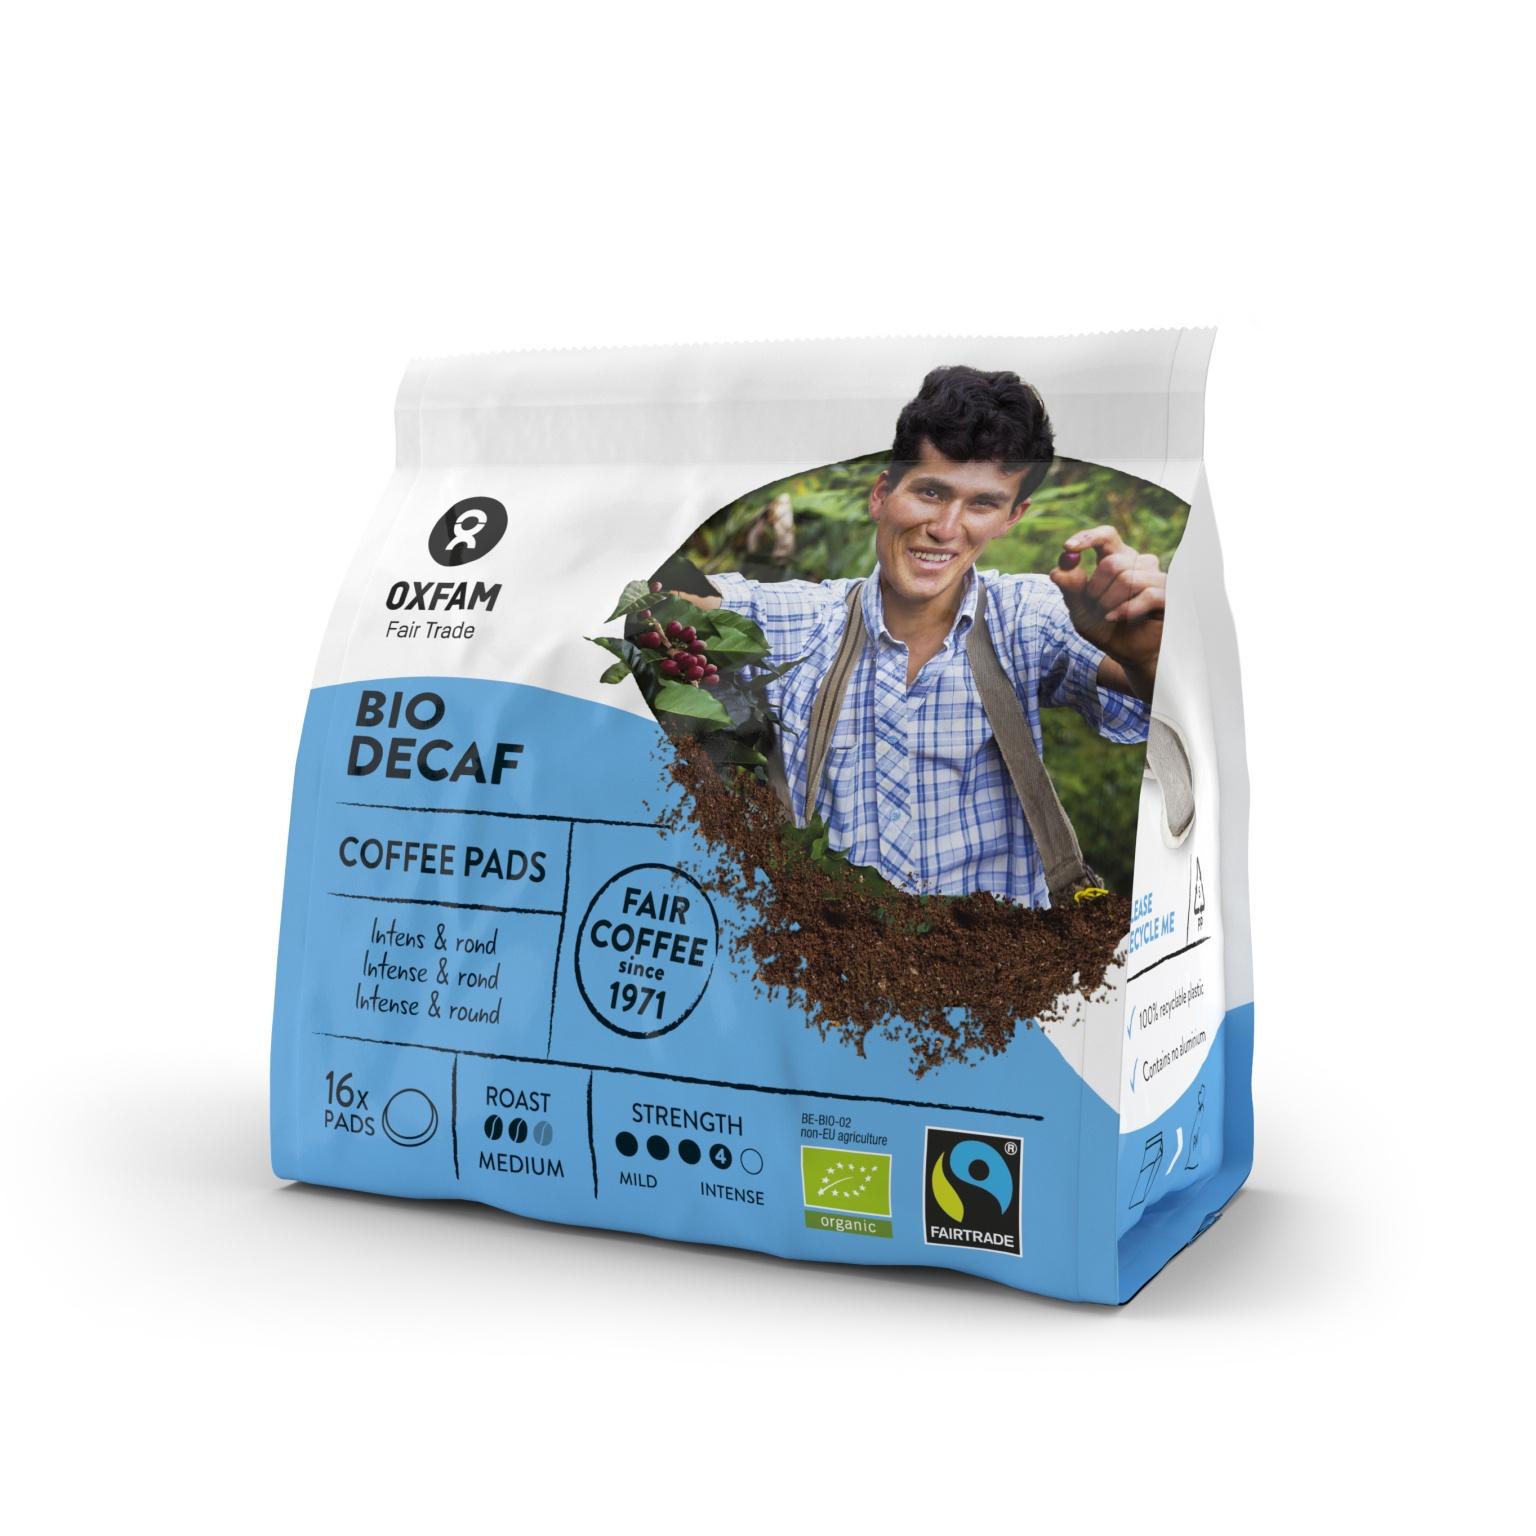 Oxfam Fair Trade 22706